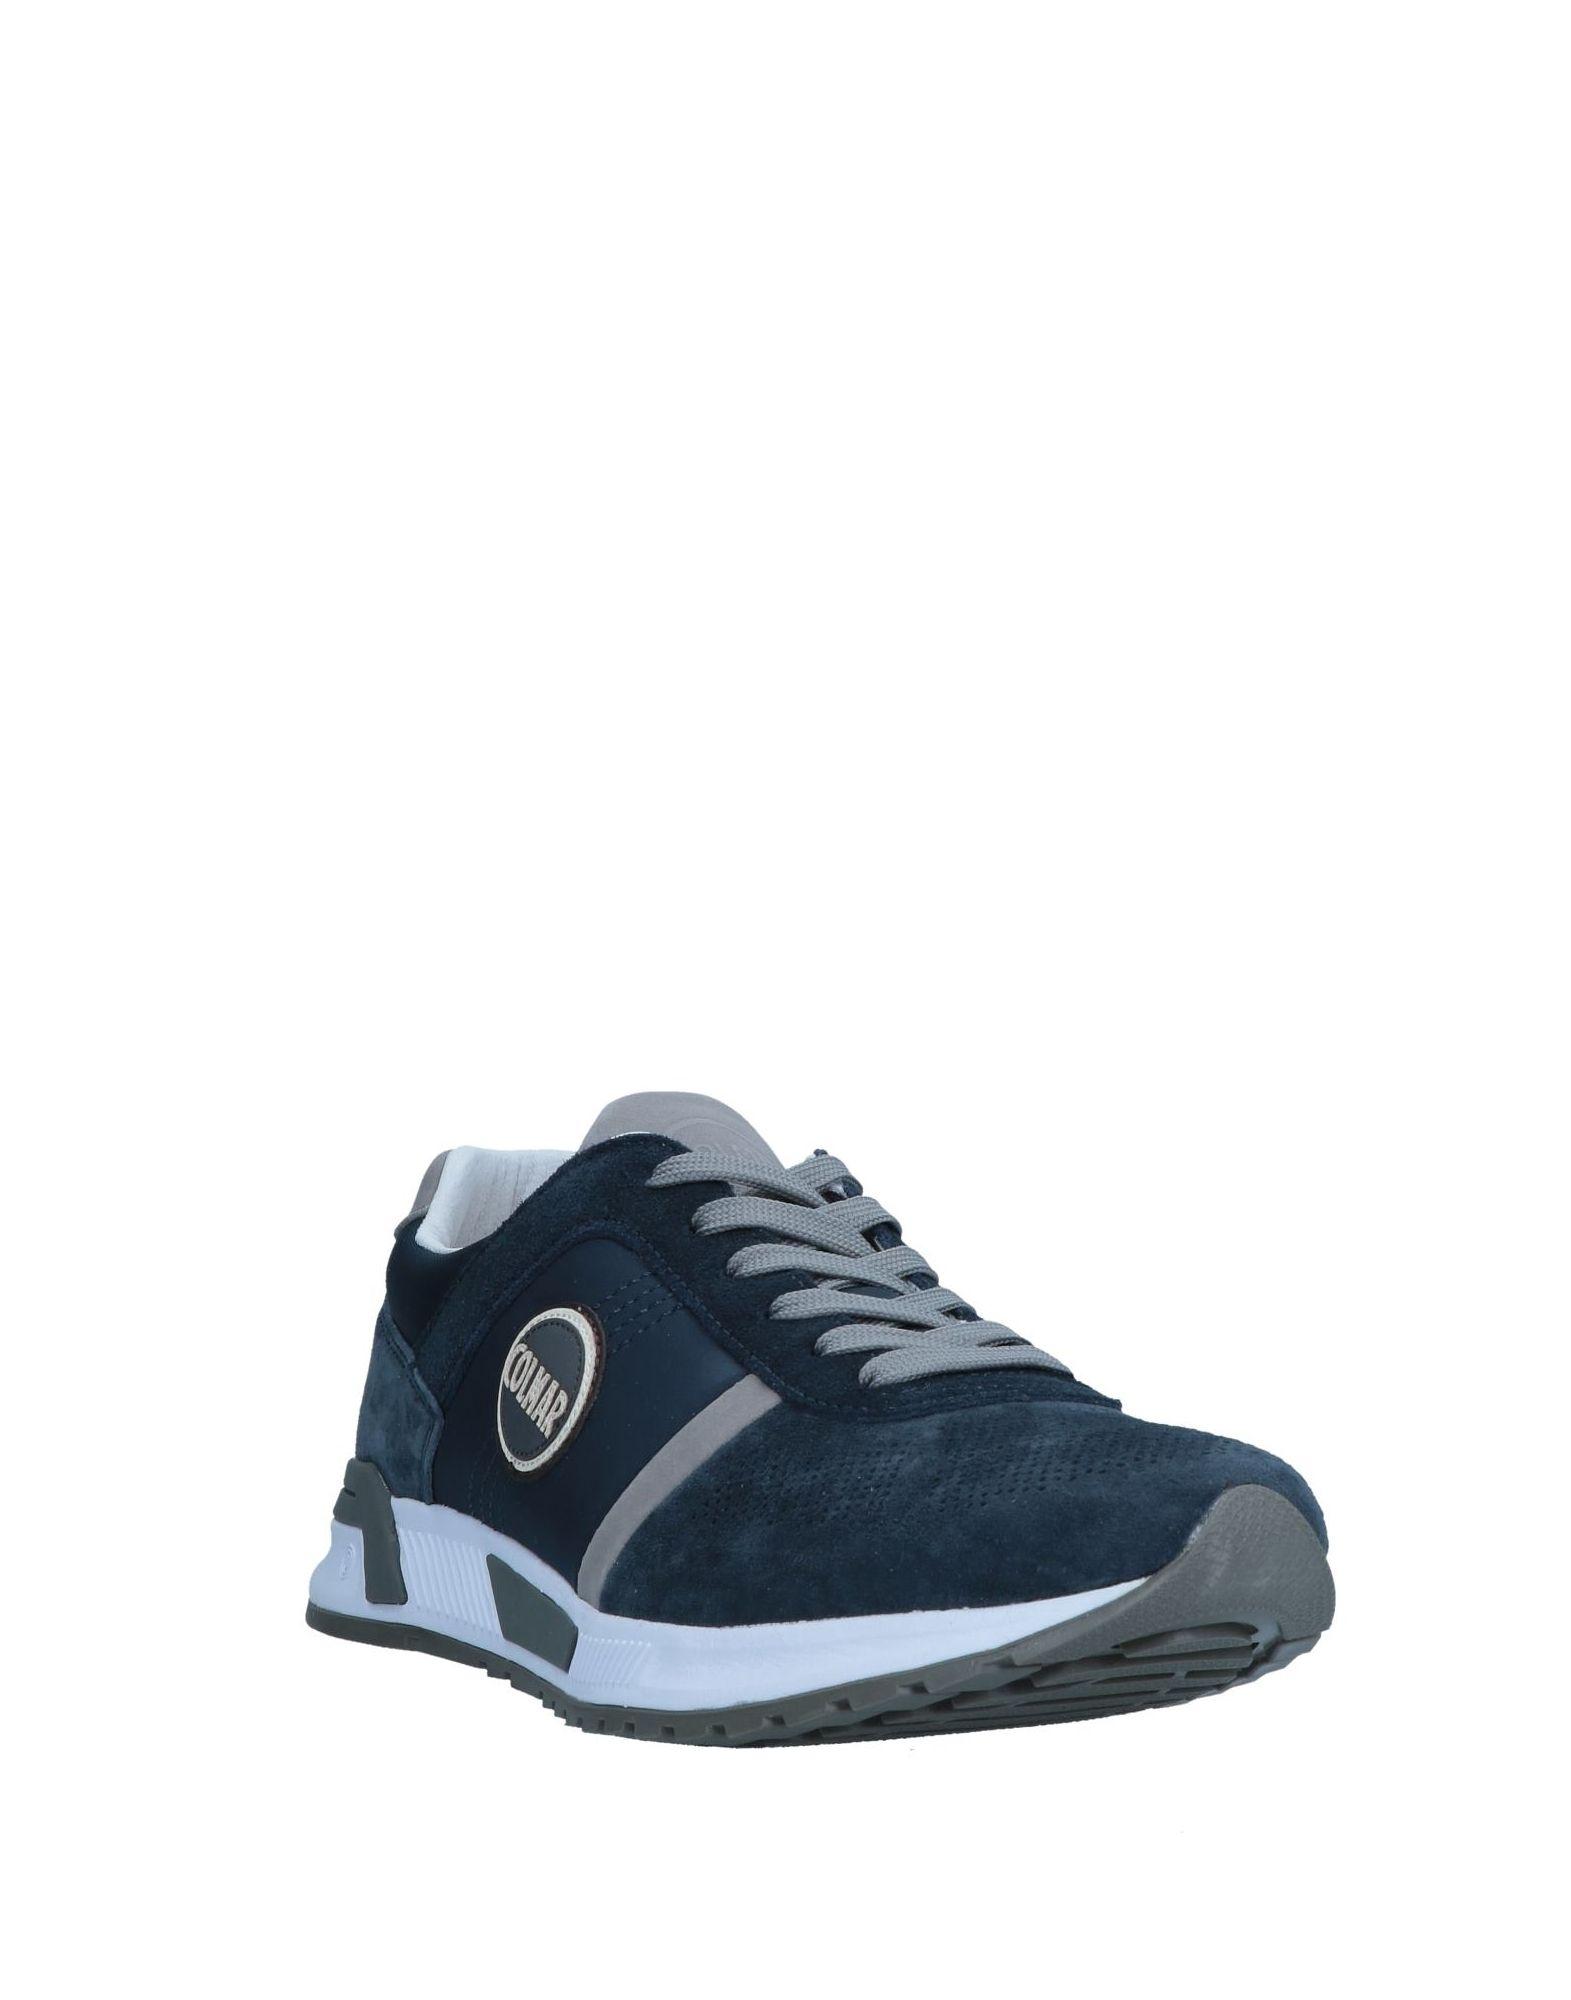 Rabatt Herren echte Schuhe Colmar Sneakers Herren Rabatt  11546499JM e4abed